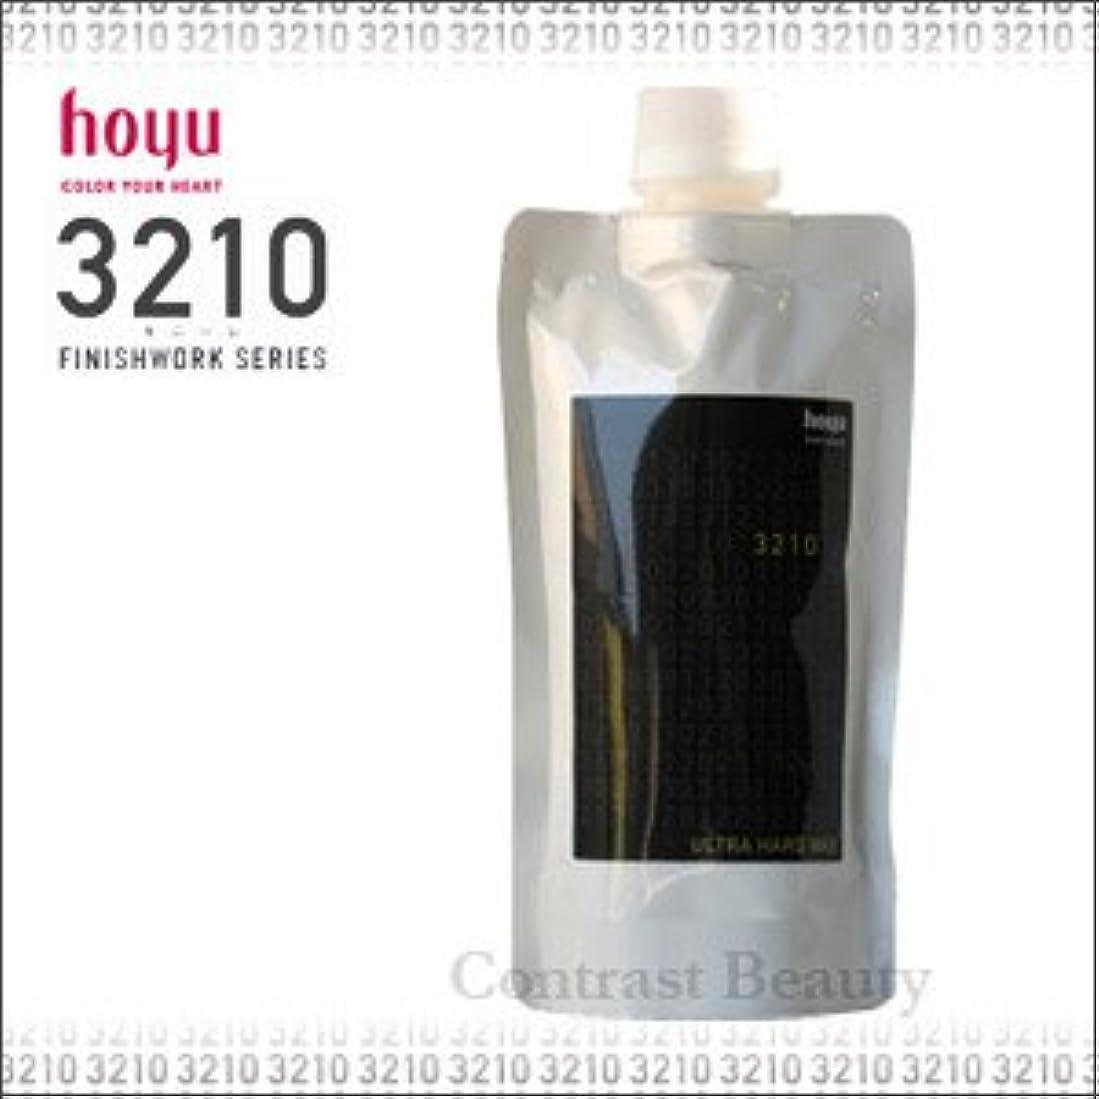 いたずらな制裁実質的【X2個セット】 ホーユー ミニーレ ウルトラハードワックス 200g 詰替え用